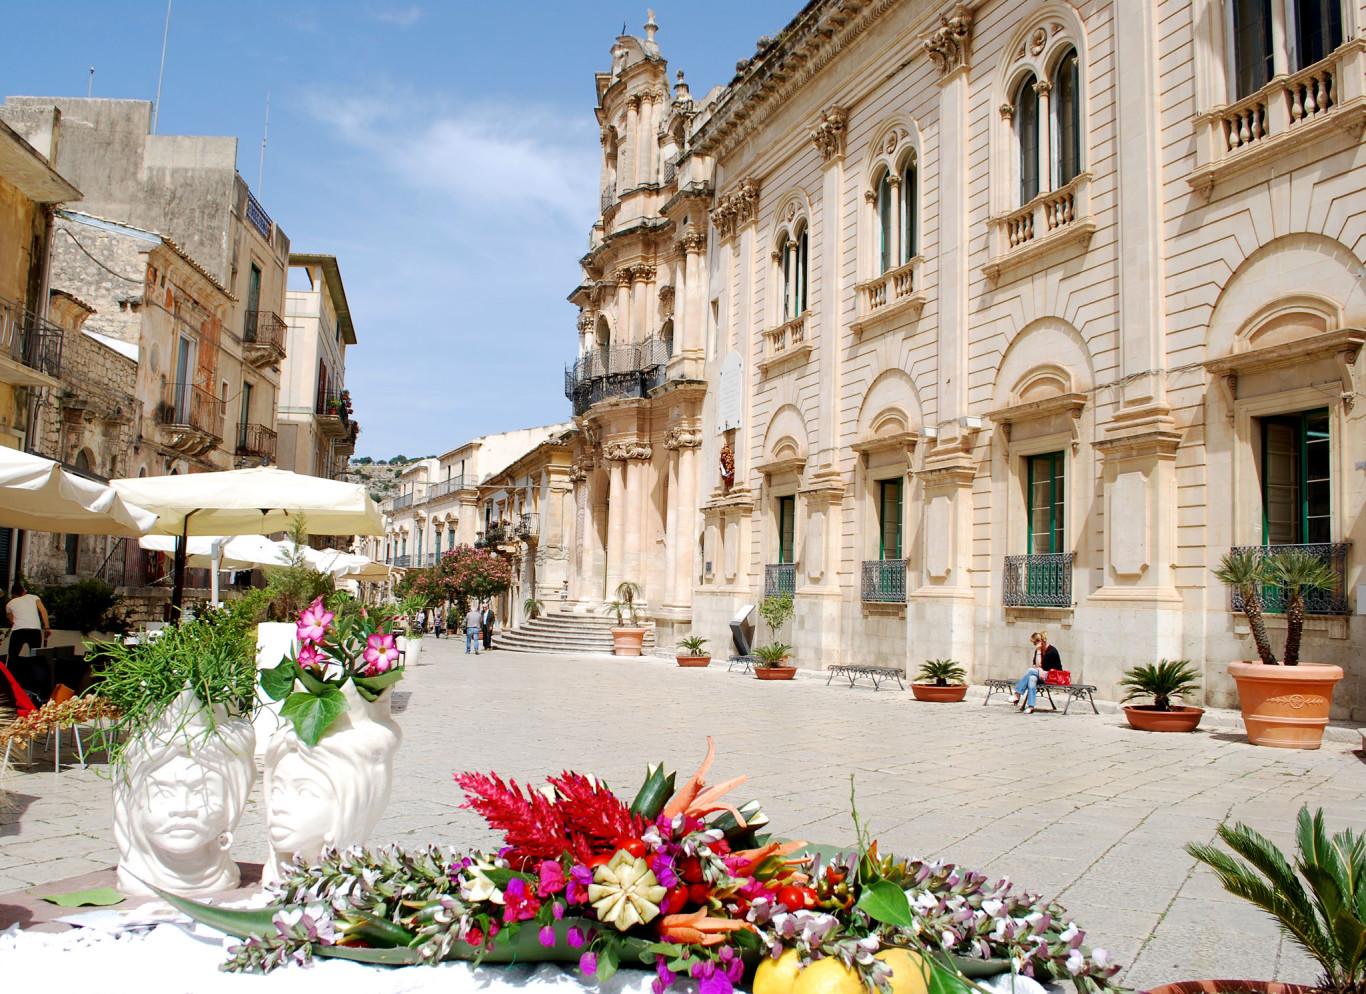 Via F. M. Penna - Scicli - Patrimonio dell'umanità - UNESCO